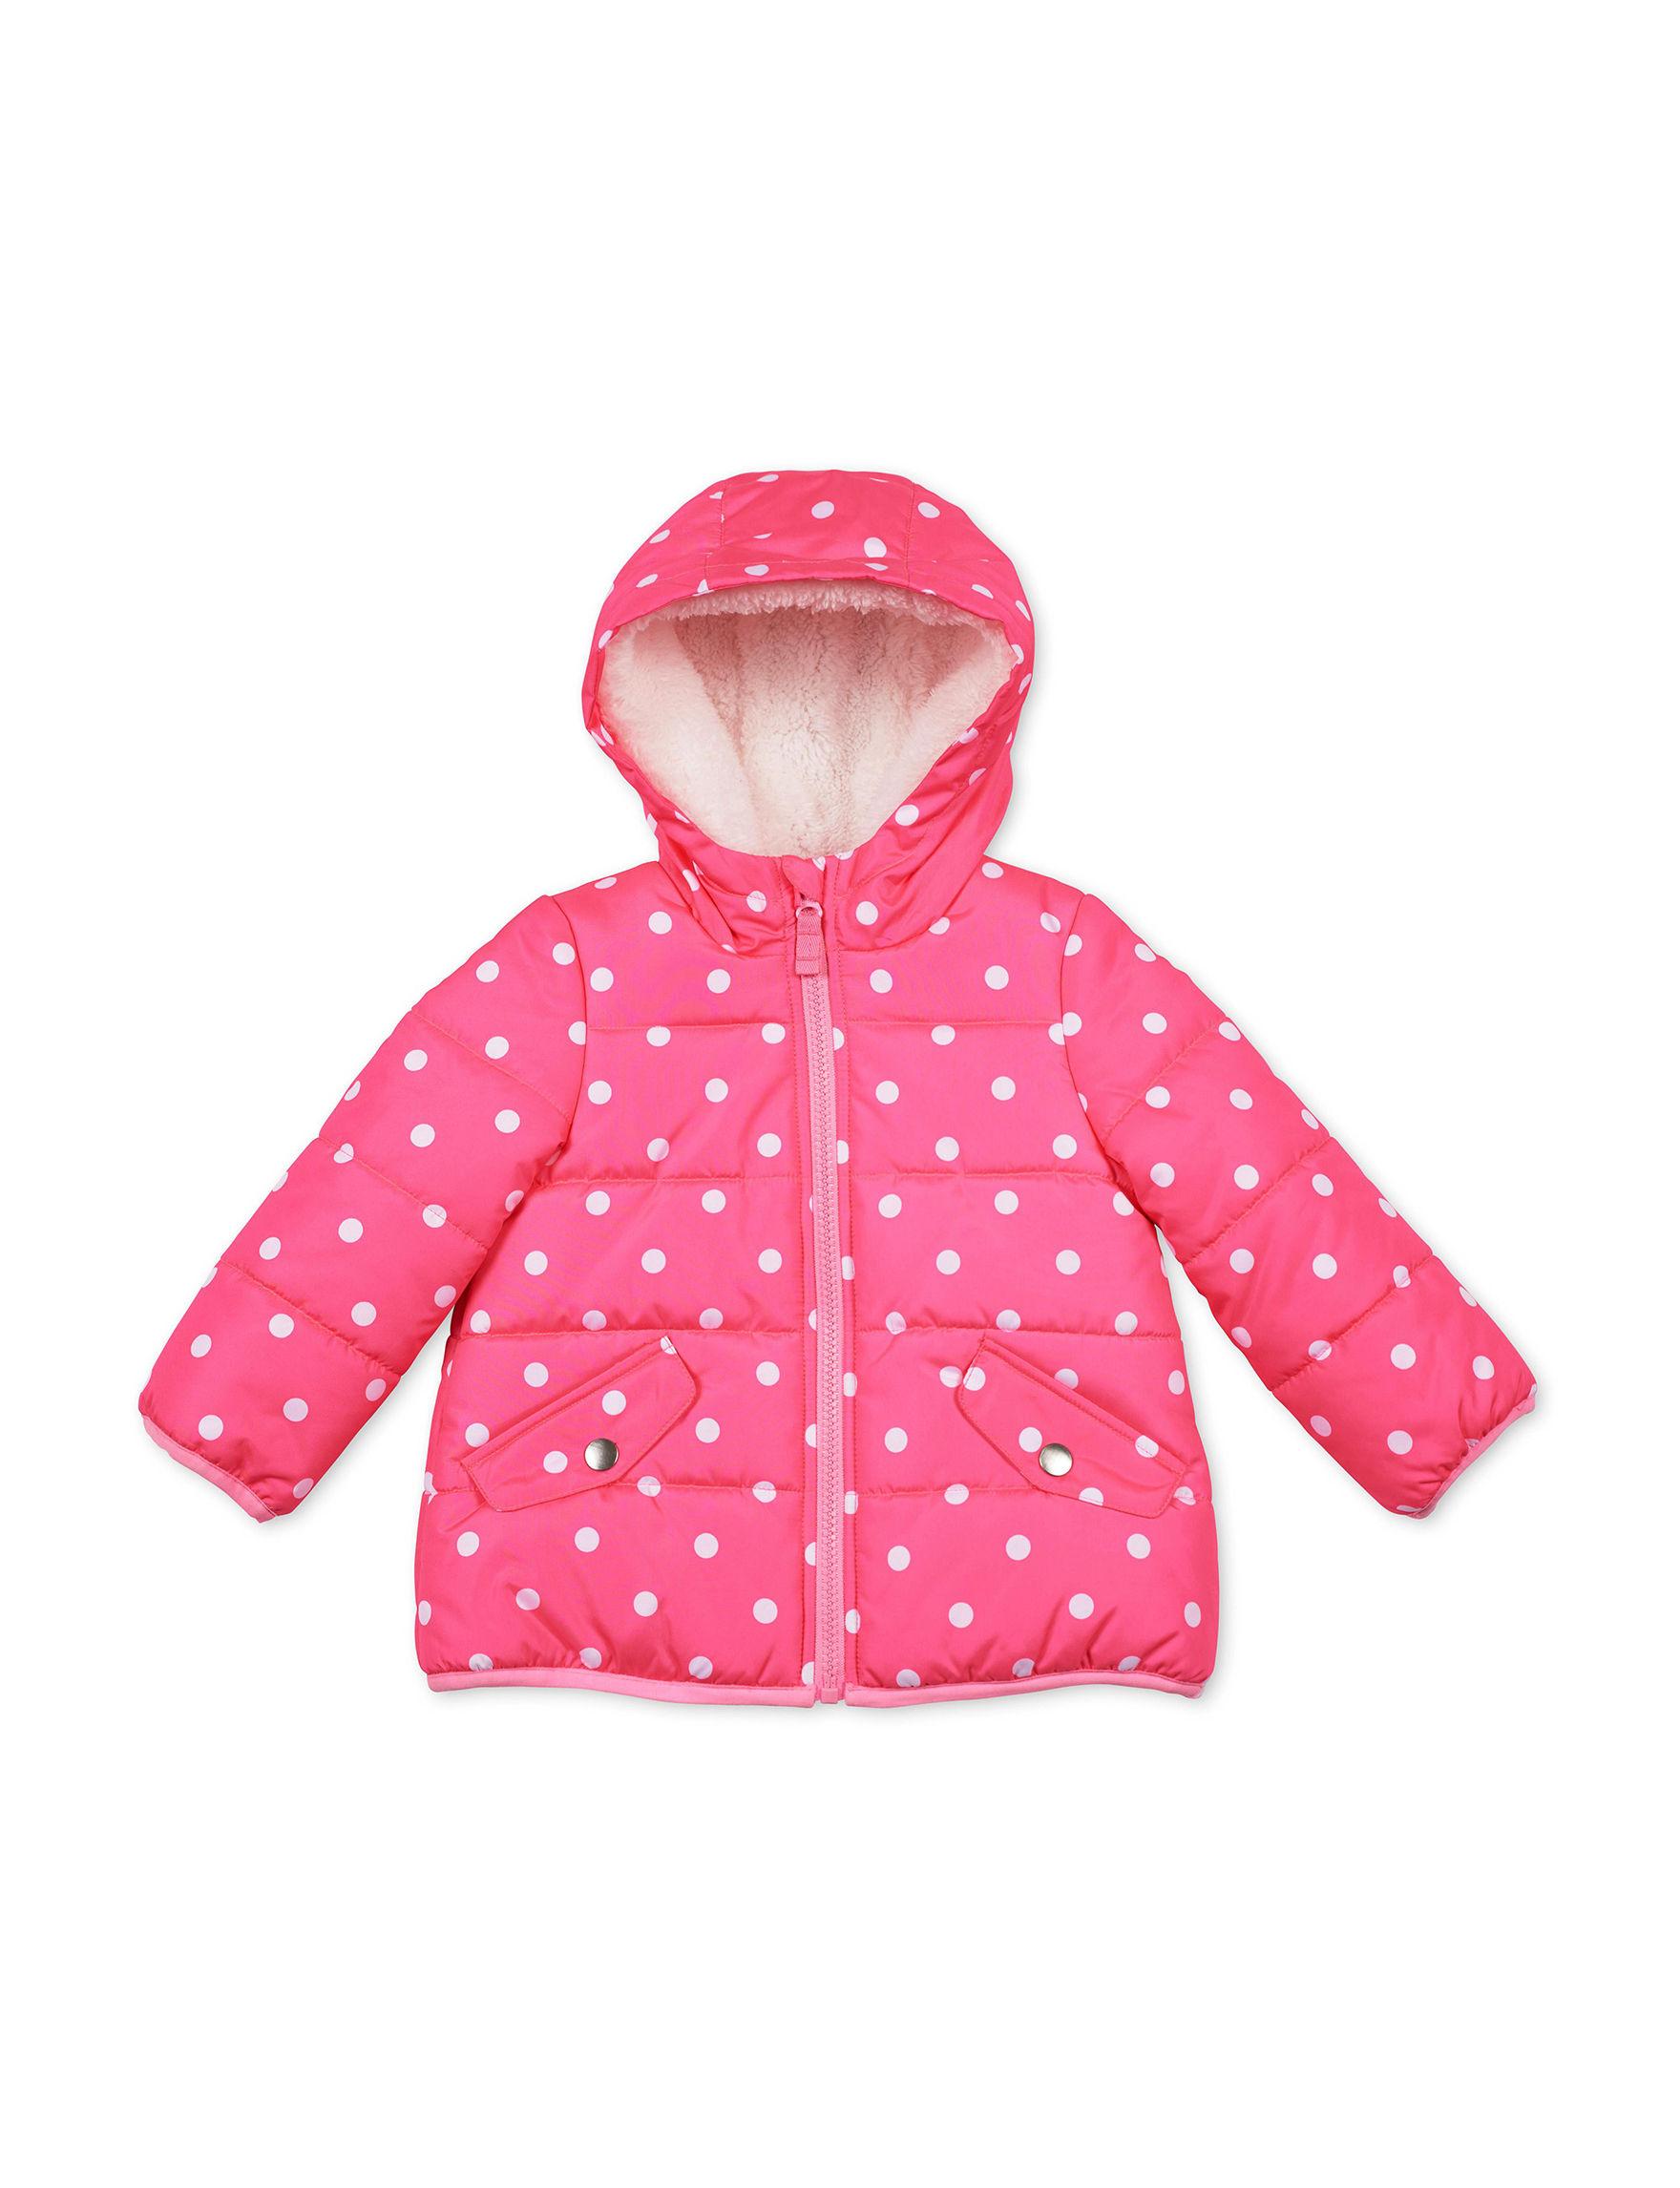 Carter's Pink Lightweight Jackets & Blazers